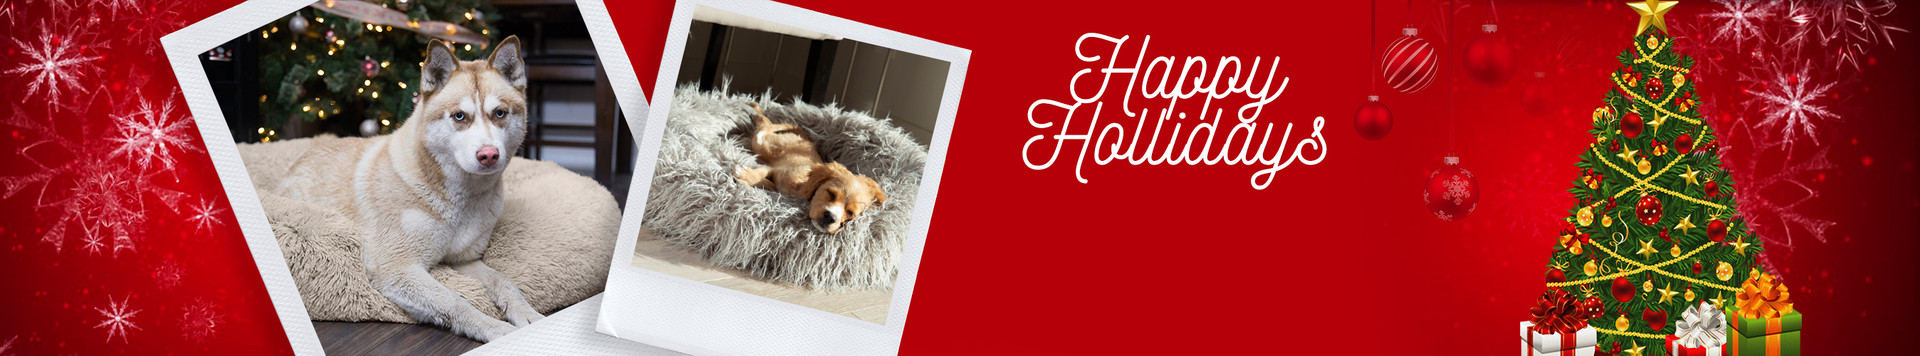 Online Banner for Holidays.jpg